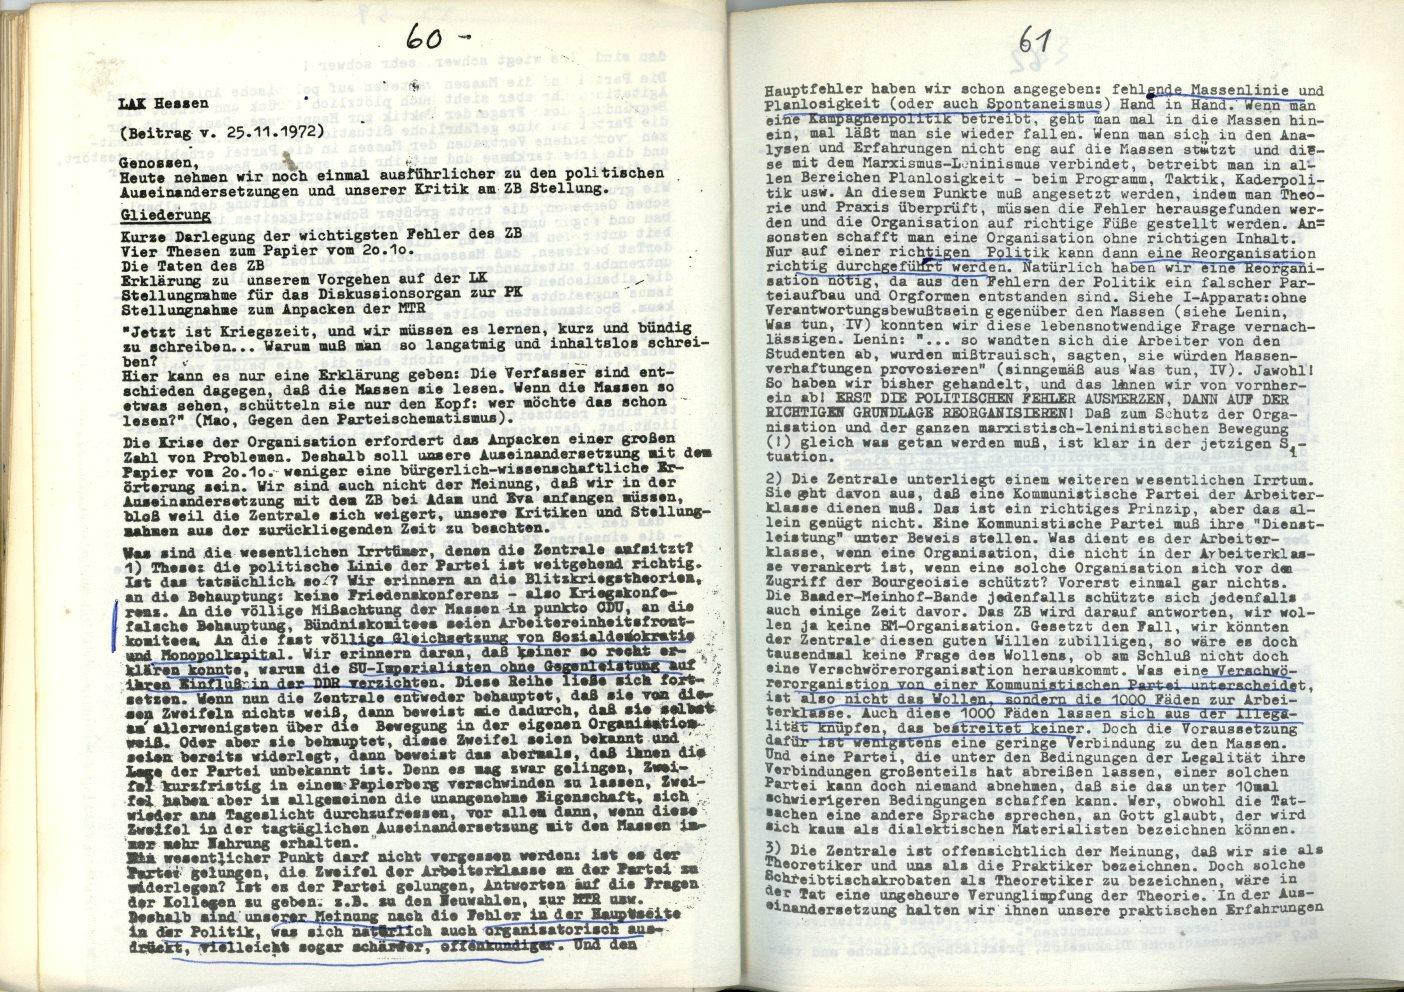 ZB_1972_Diskussionsorgan_zur_ersten_Parteikonferenz_34